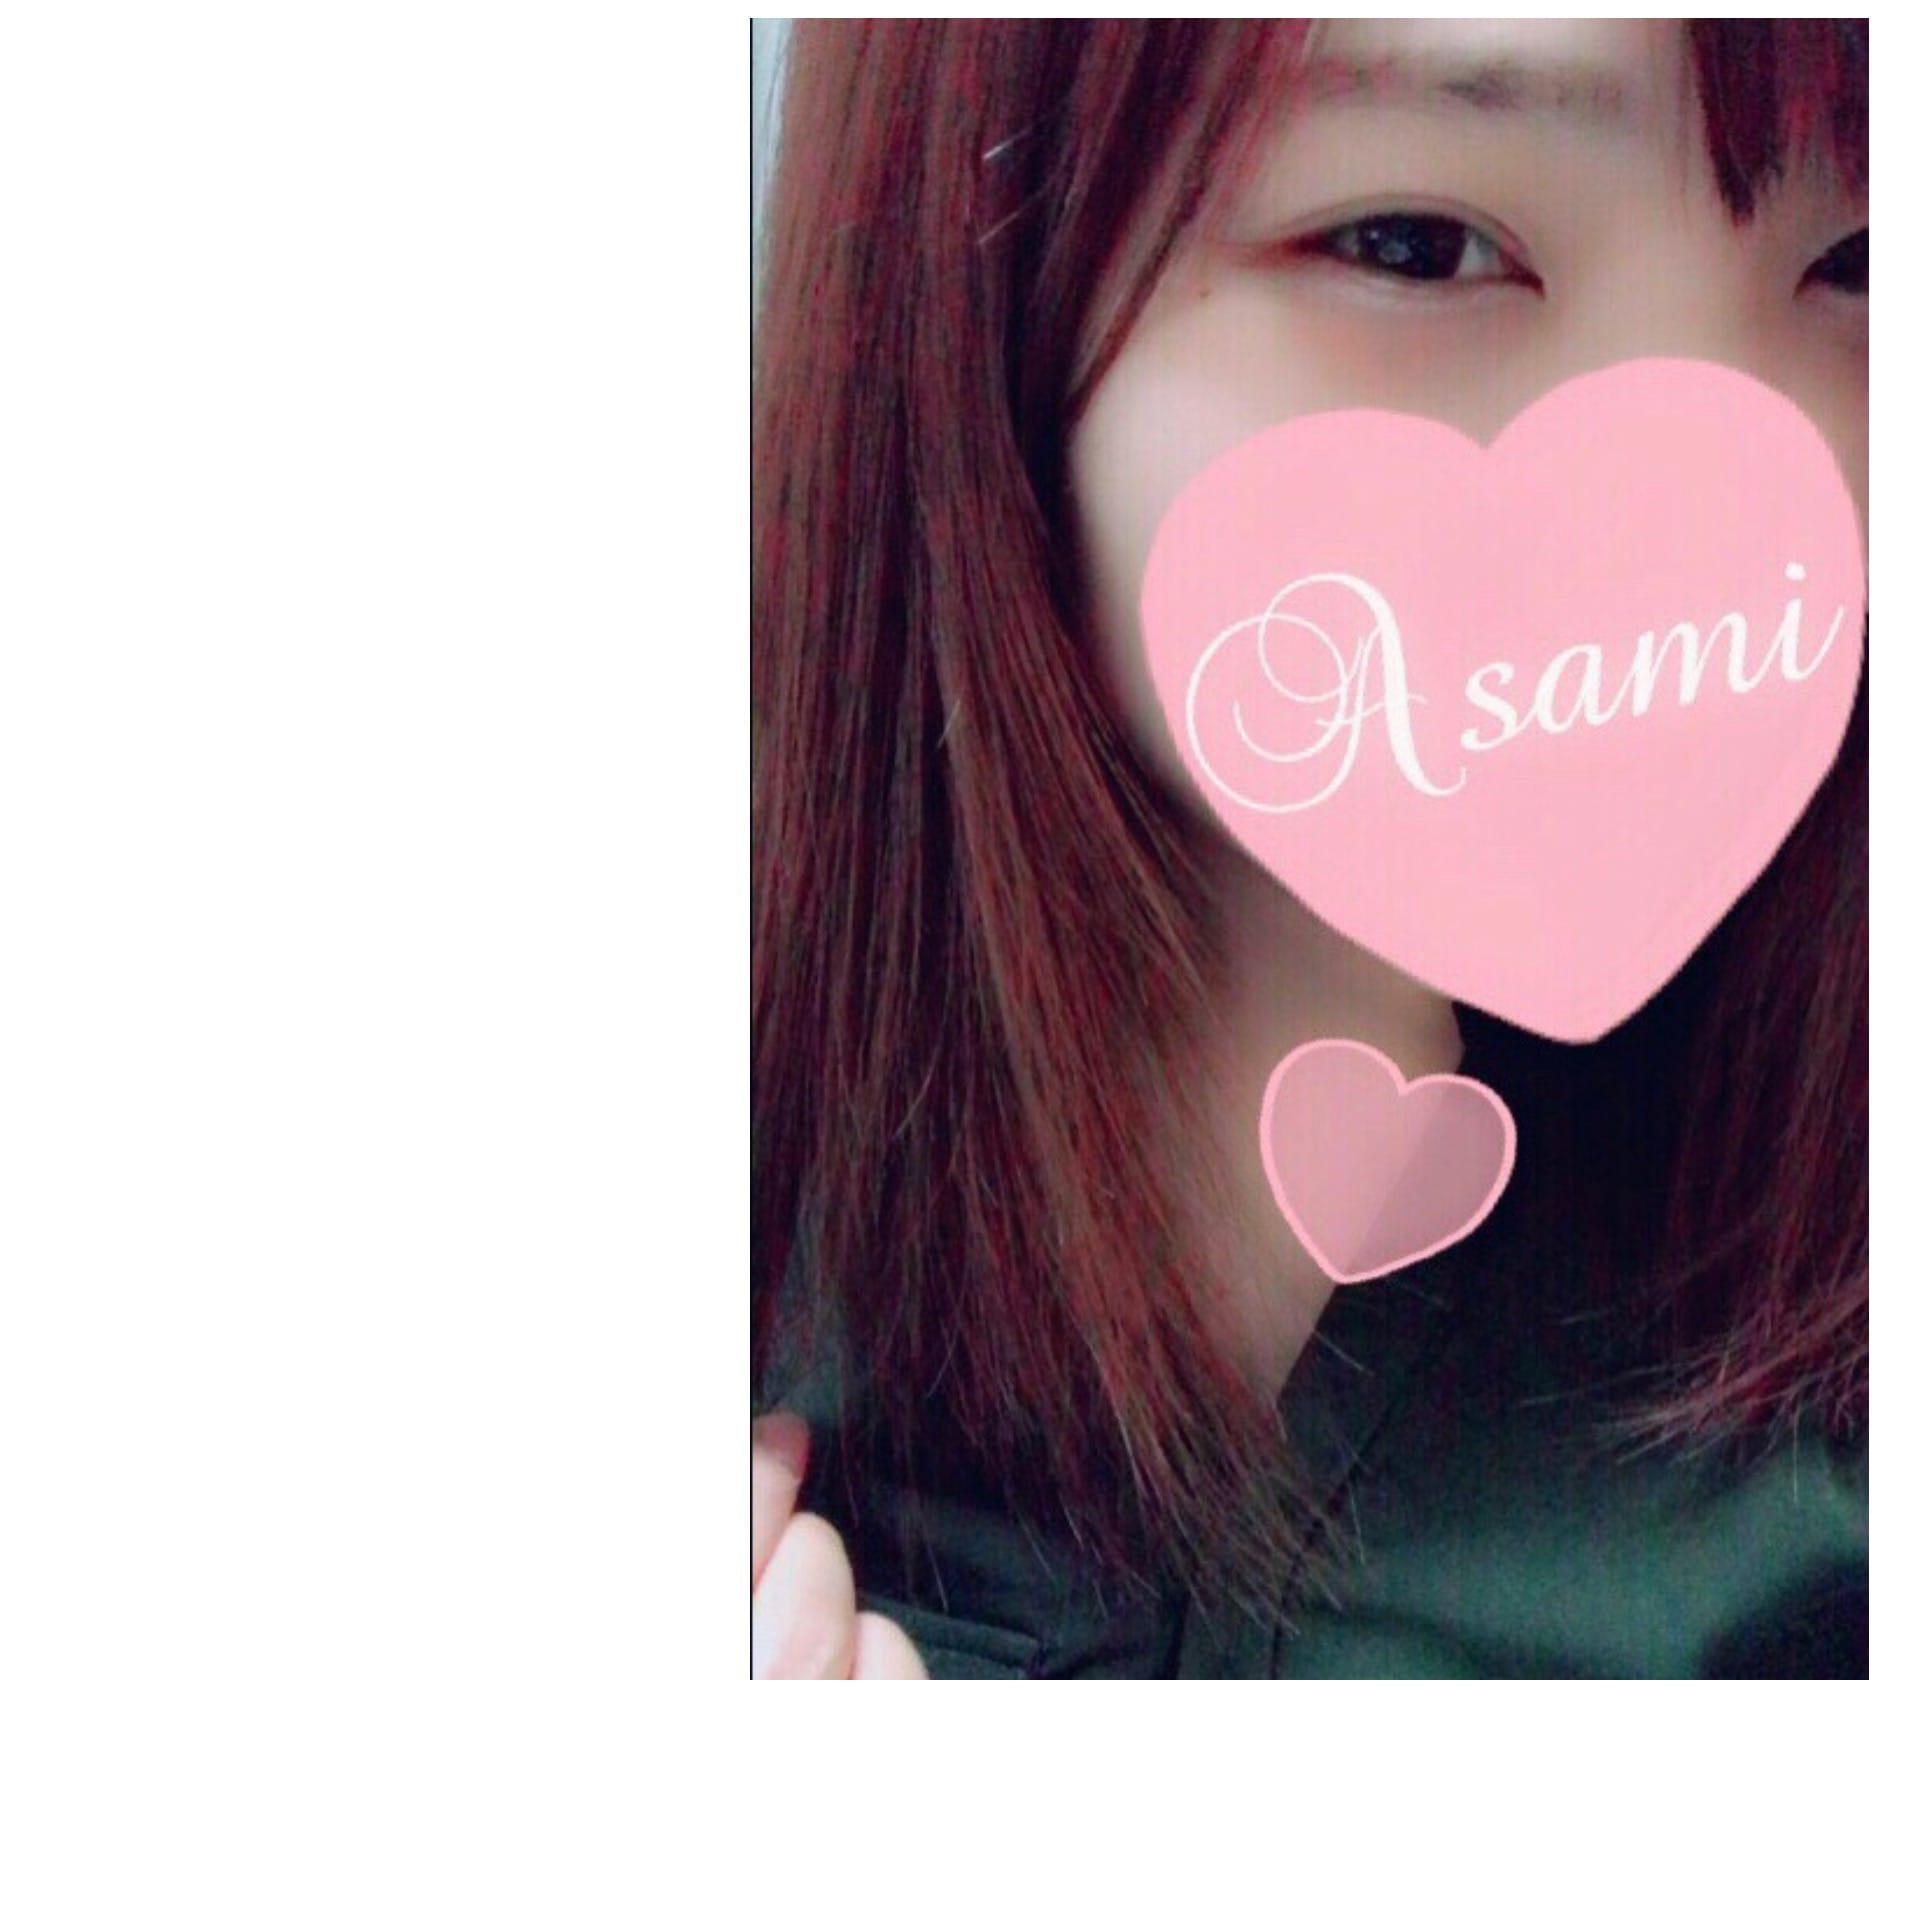 「出勤 です ☆」04/19(木) 20:10 | あさみの写メ・風俗動画